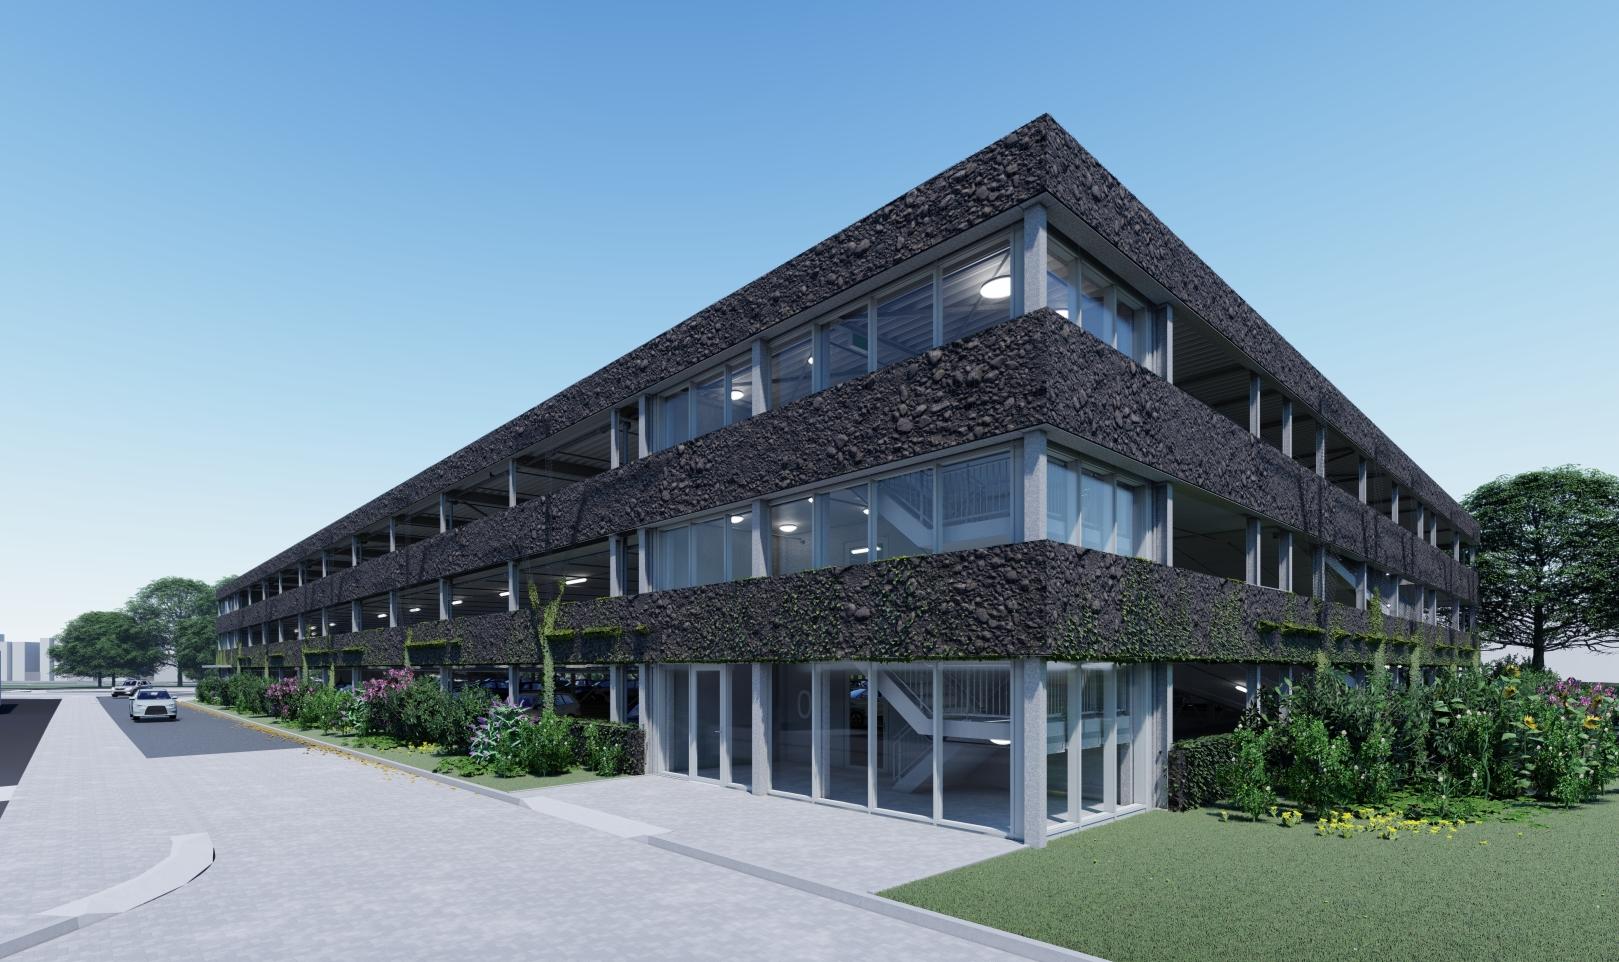 Contract voor bouw parkeergarage LangeLand Ziekenhuis Zoetermeer